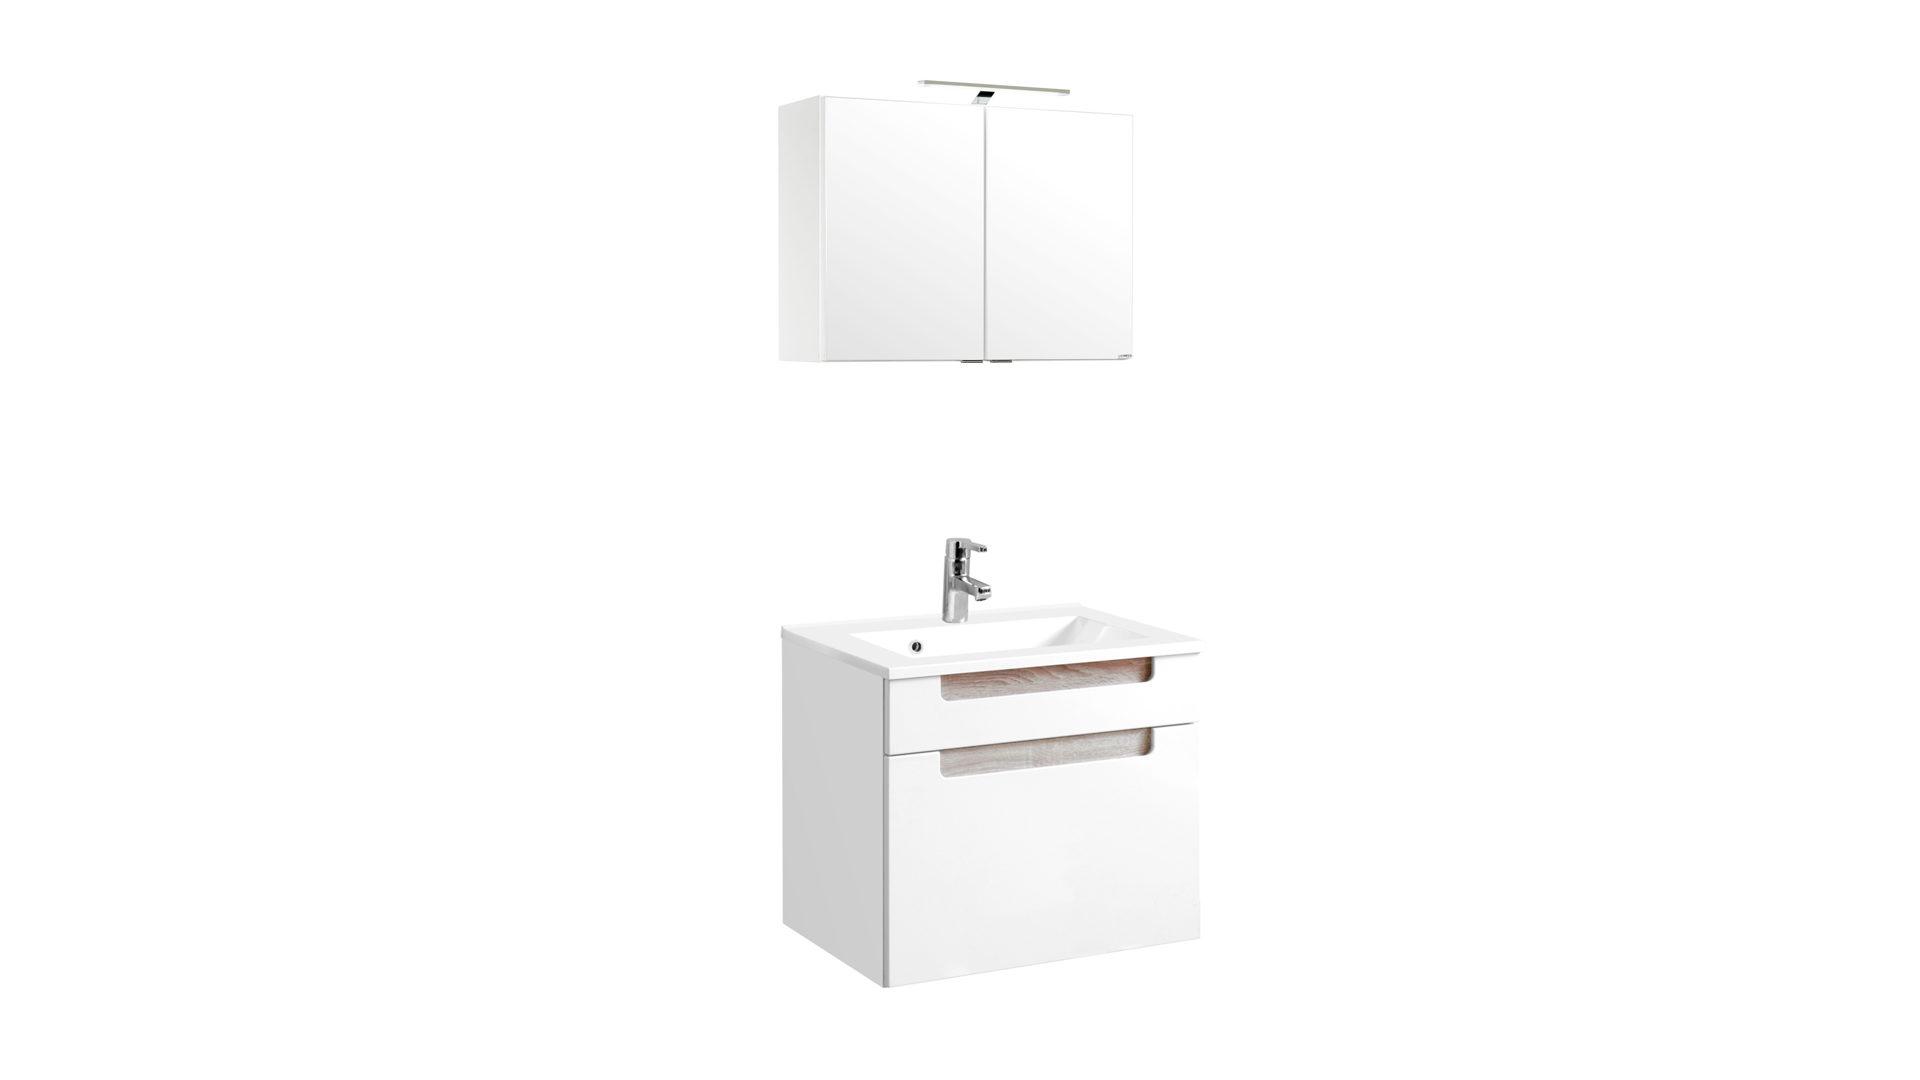 weisse badmobel, waschtisch-set siena als attraktives badmöbel , weiße hochglanz, Design ideen